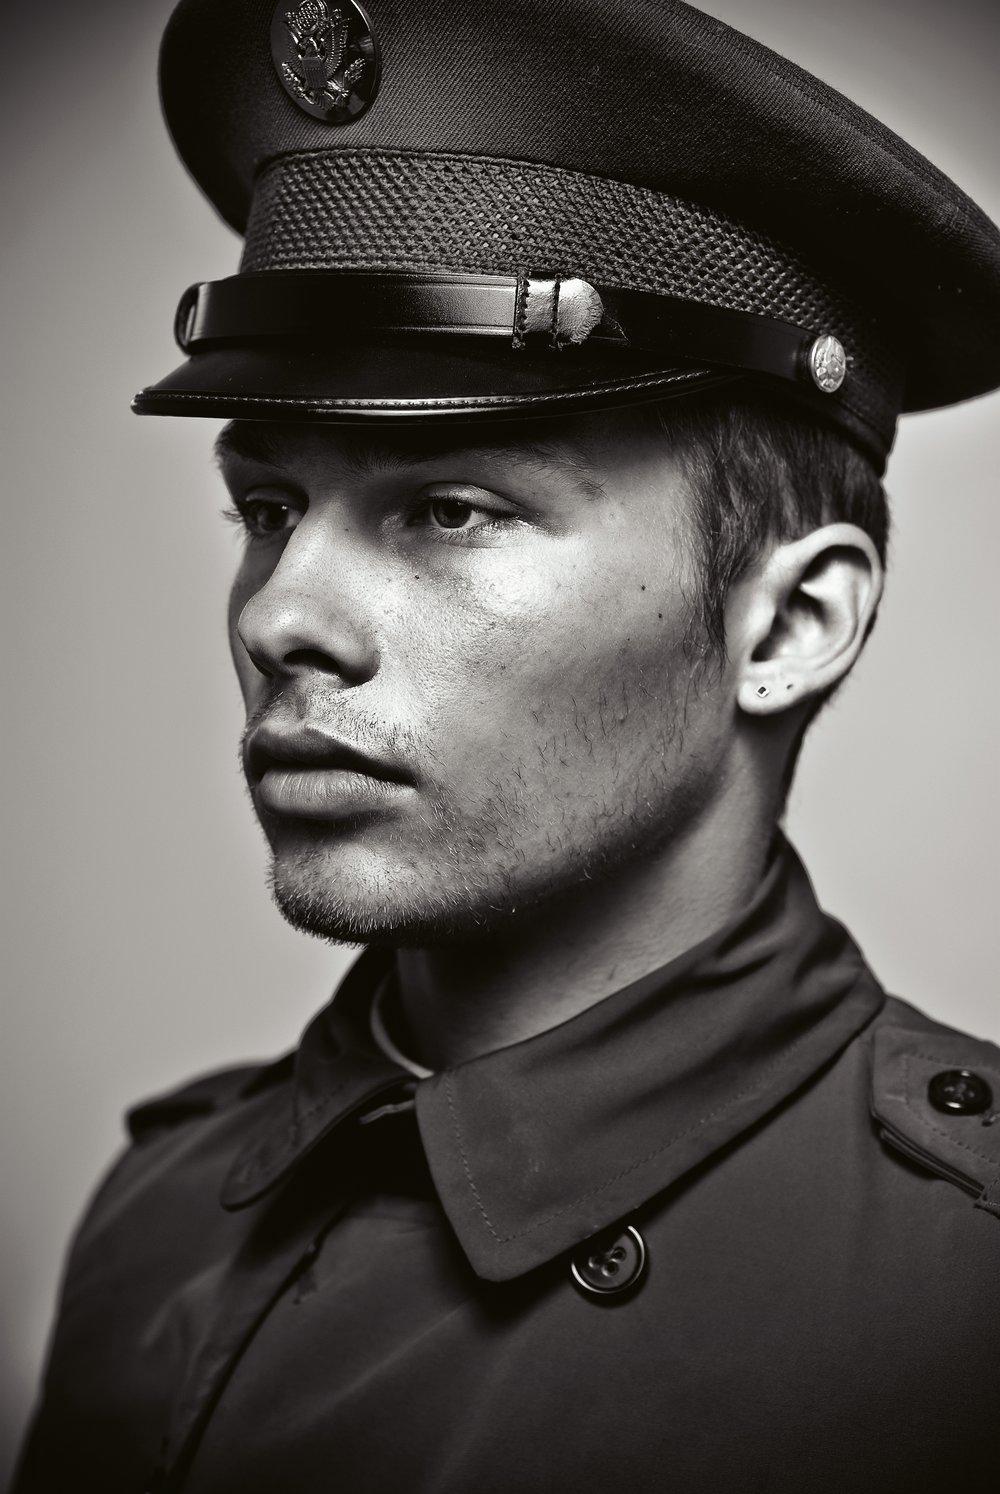 ausweis military portrait 1